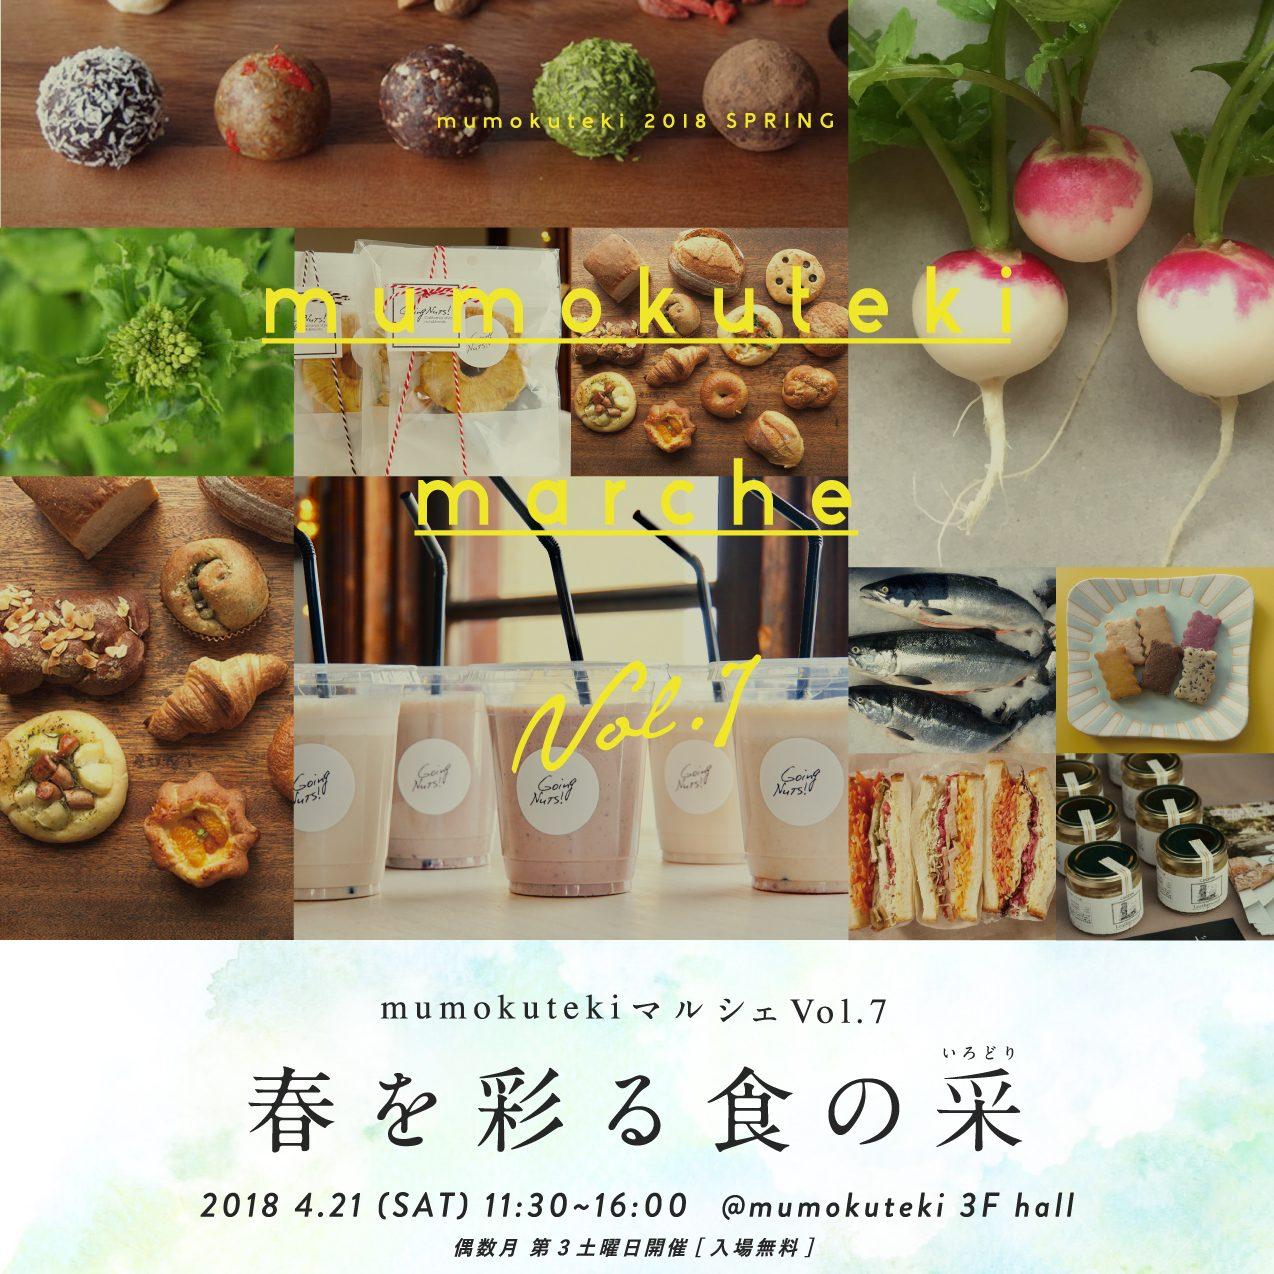 4月21日(土)mumokuteki マルシェ vol.7 「春を彩る食の采」こだわりの23店舗がmumokuteki 3Fに集います!